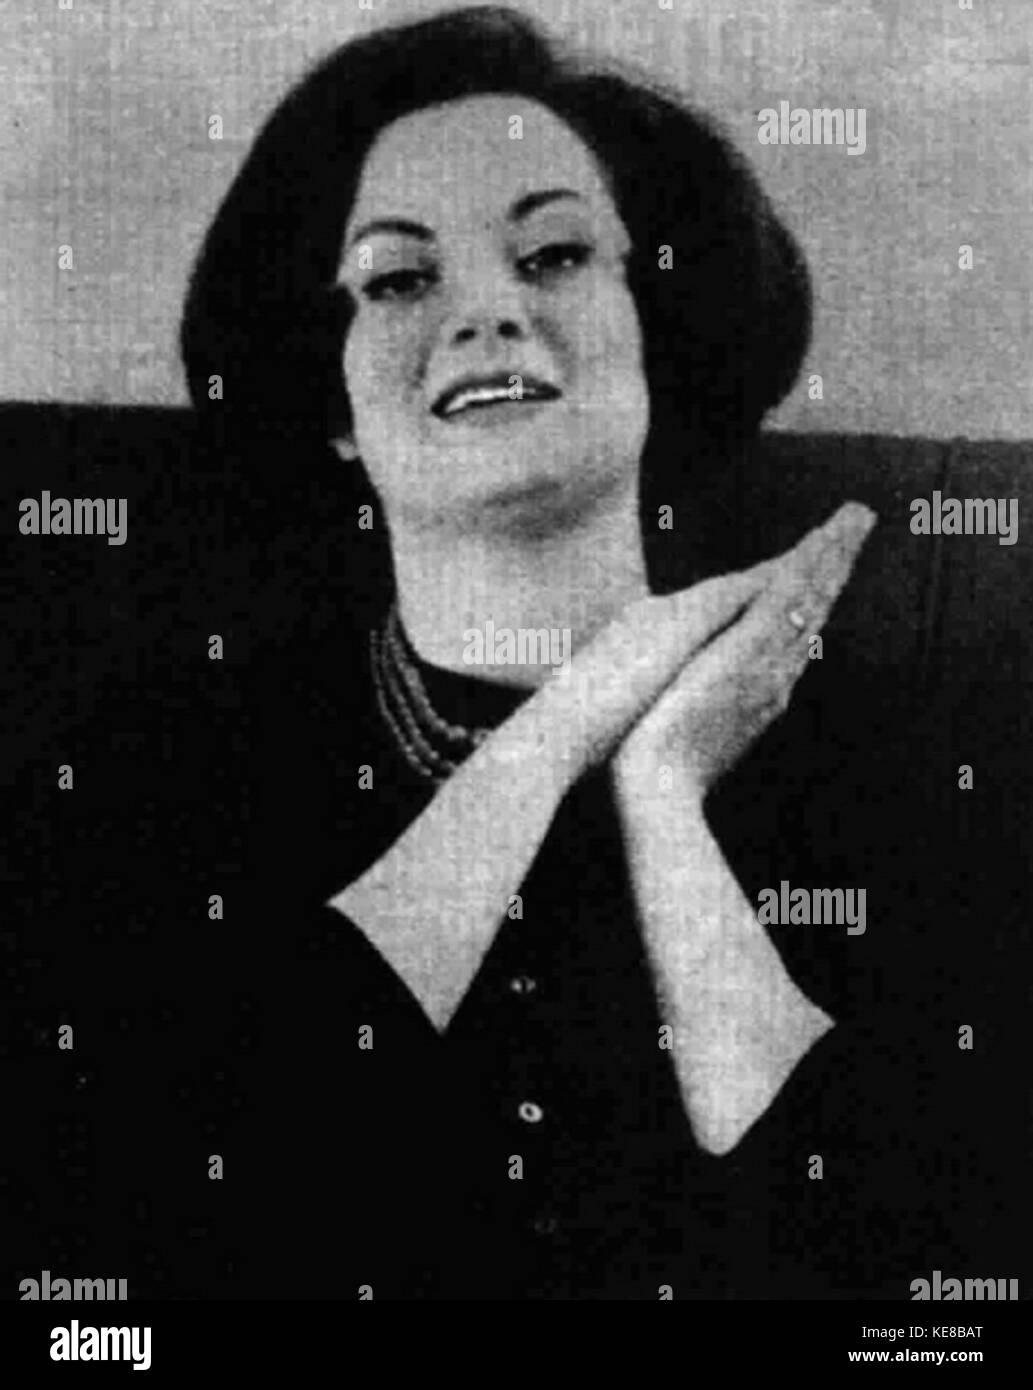 Adrienne Posta (born 1948),Marcella Albani (1901?959) Sex videos Indira Varma (born 1973),Aloka McLean